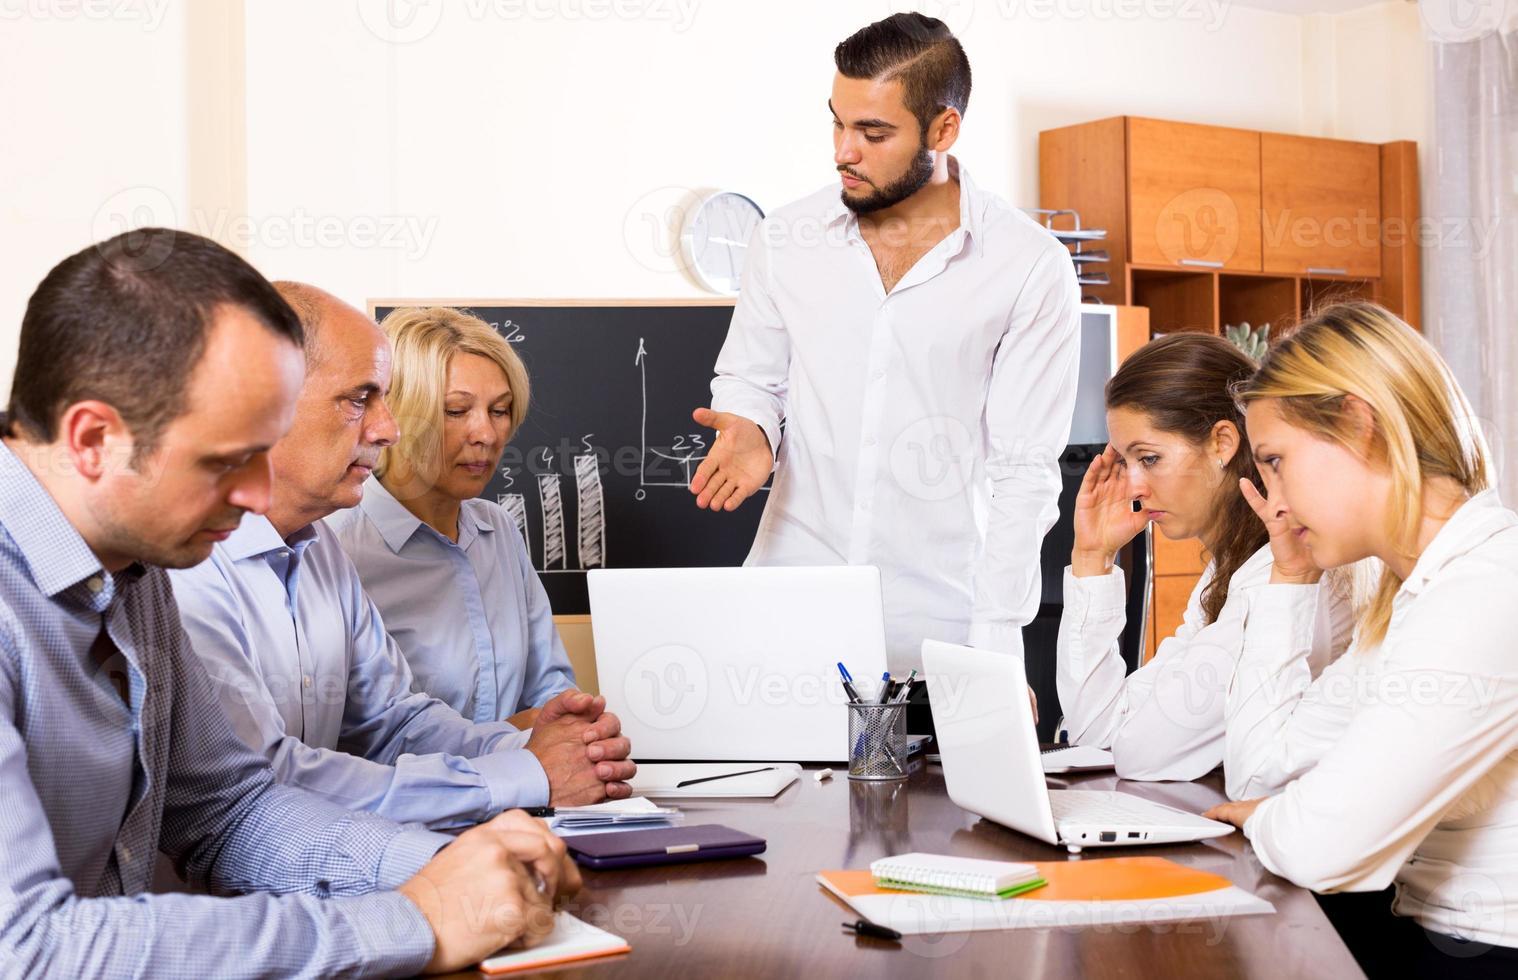 capo e collaboratori stressati foto